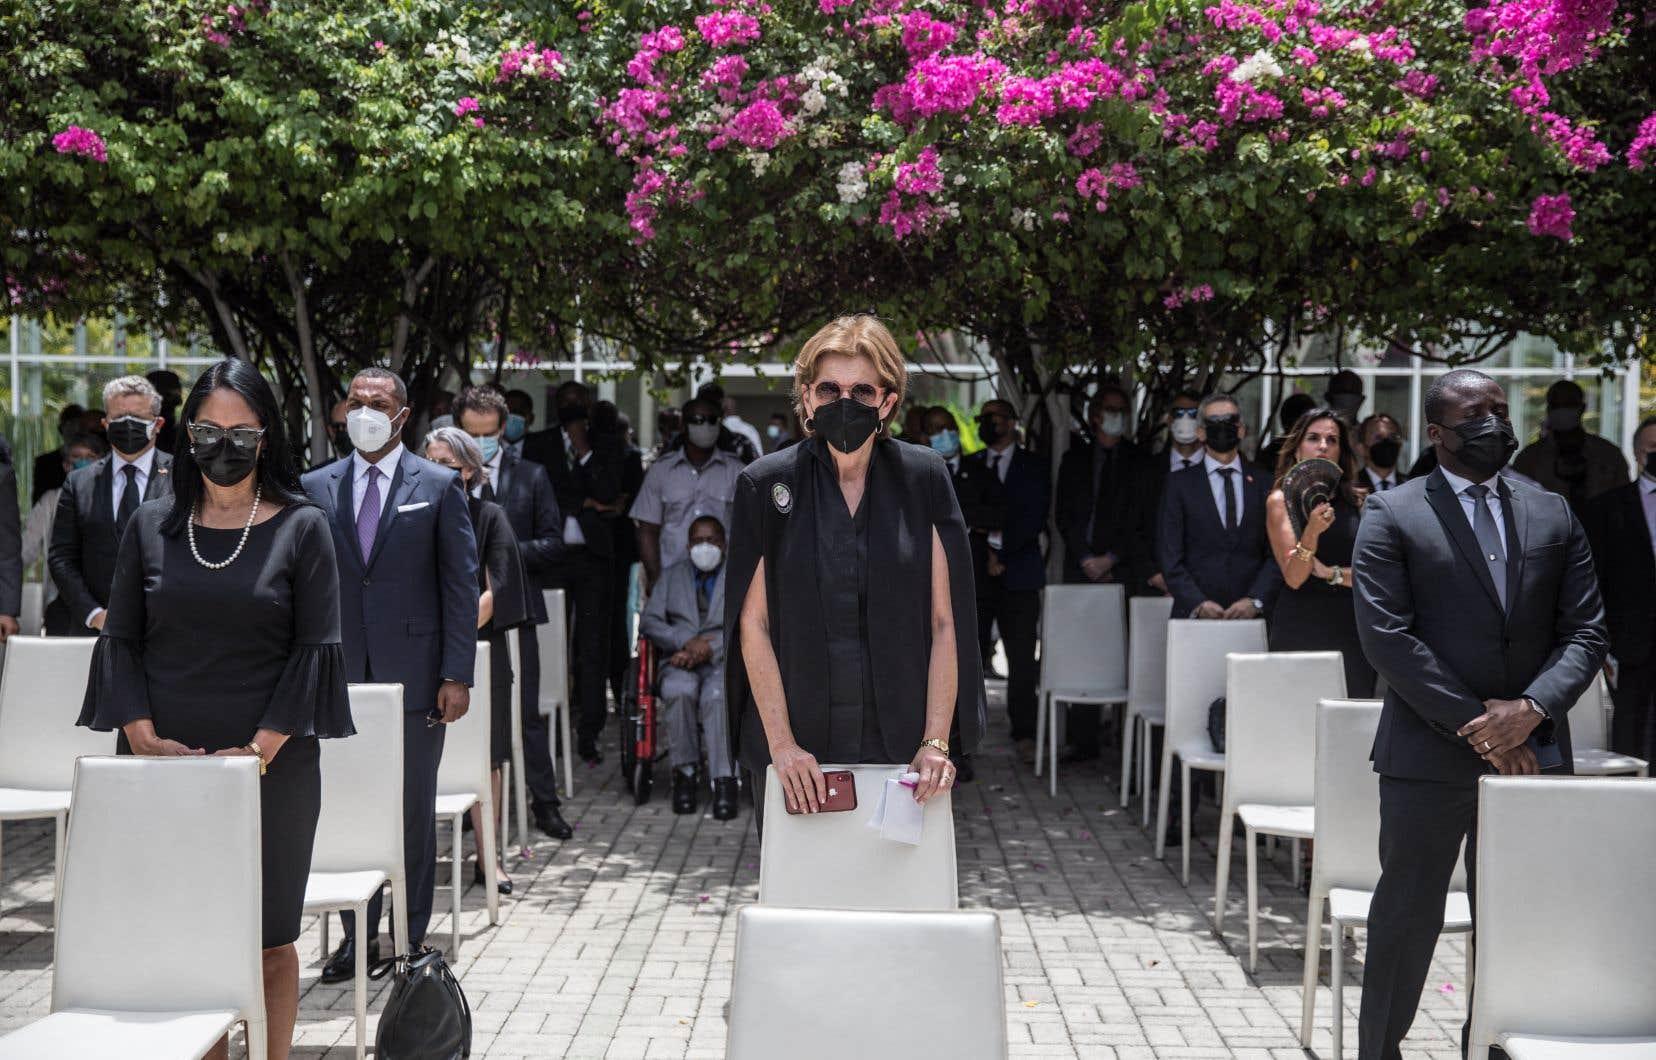 Les Haïtiens ont lancé mardi une série de cérémonies officielles à la mémoire du président Jovenel Moïse, qui a été assassiné chez lui il y a deux semaines.